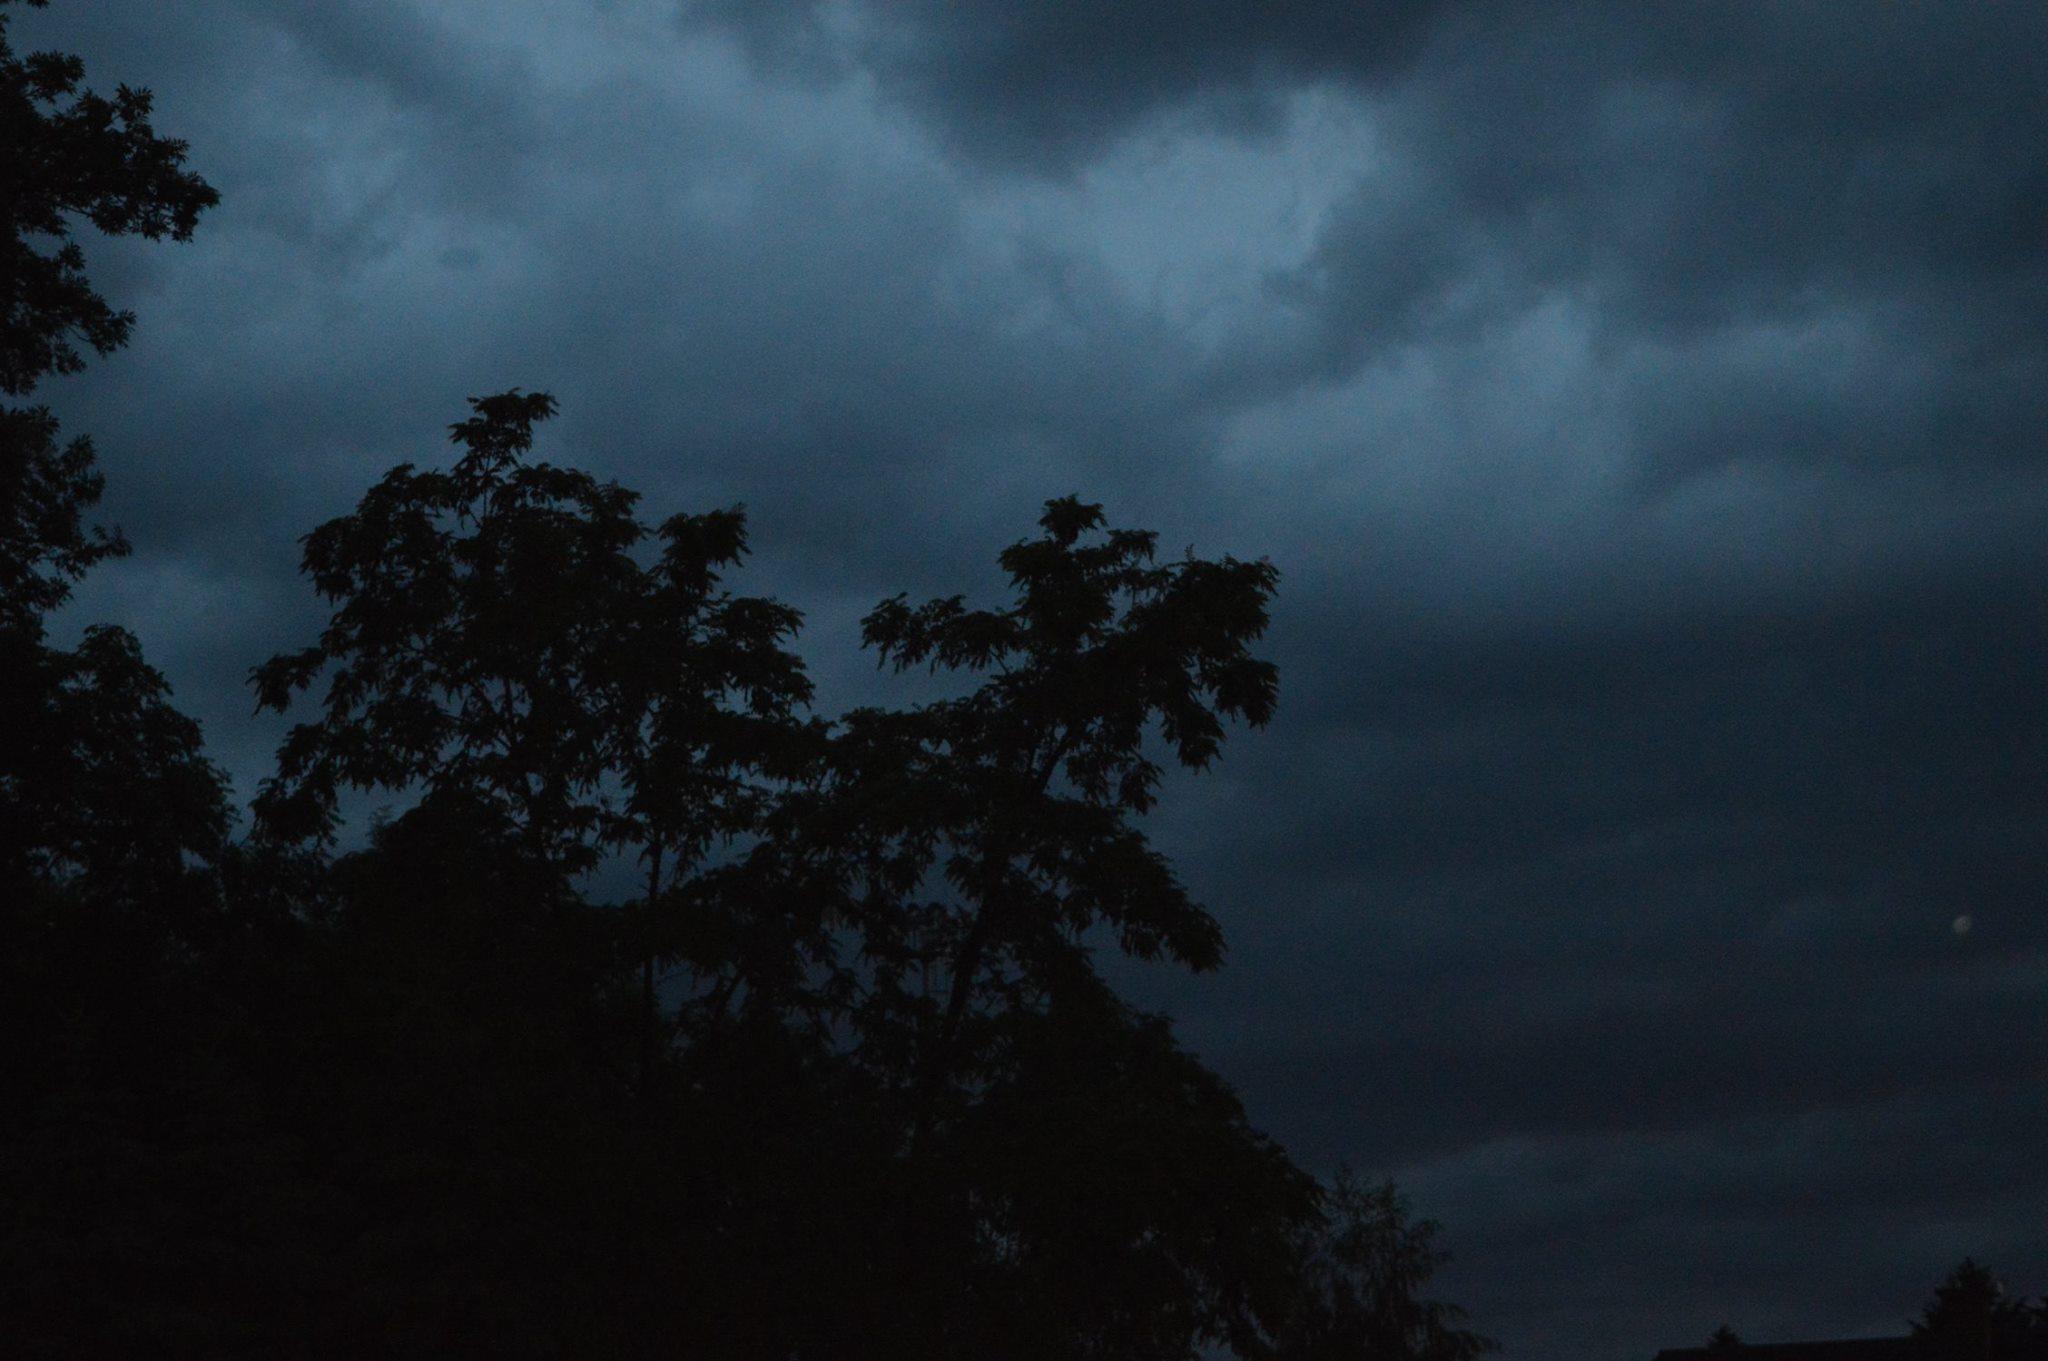 Na Liberec se ženou silné bouřky. Po vedrech přijde vytrvalý déšť a možný vzestup hladin